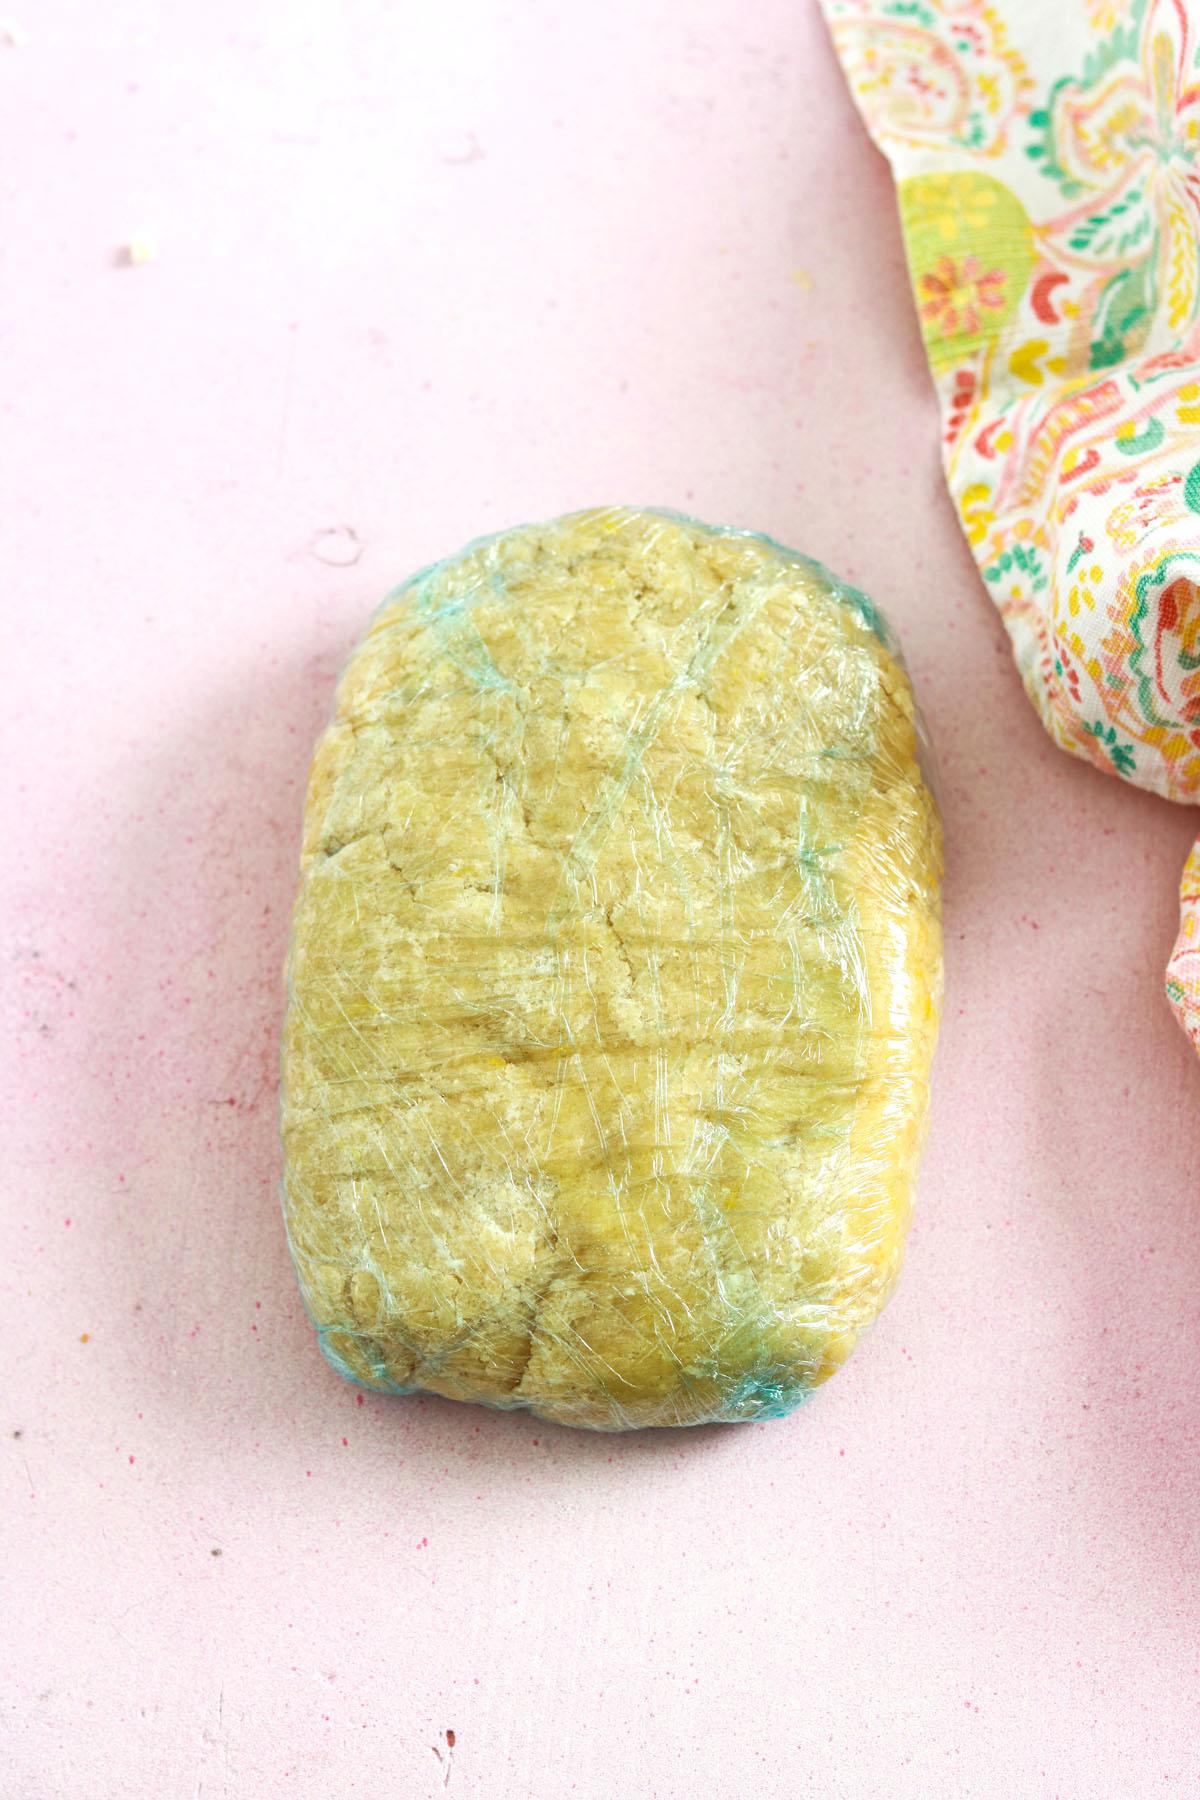 Crostata ricotta e cioccolato-dough wrapped in plastic